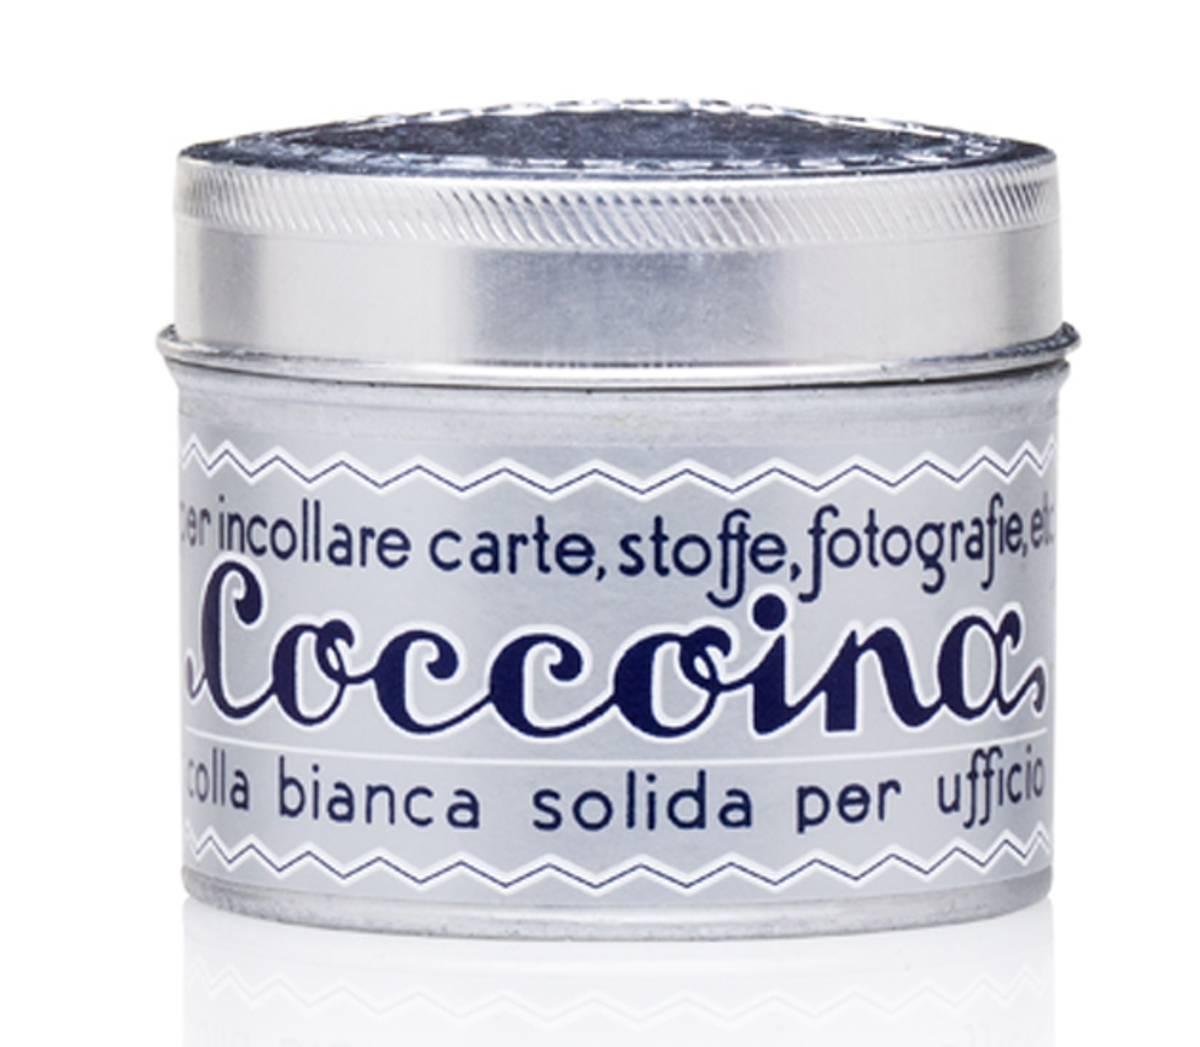 Plastfritt lim på boks, 125g / Coccoina